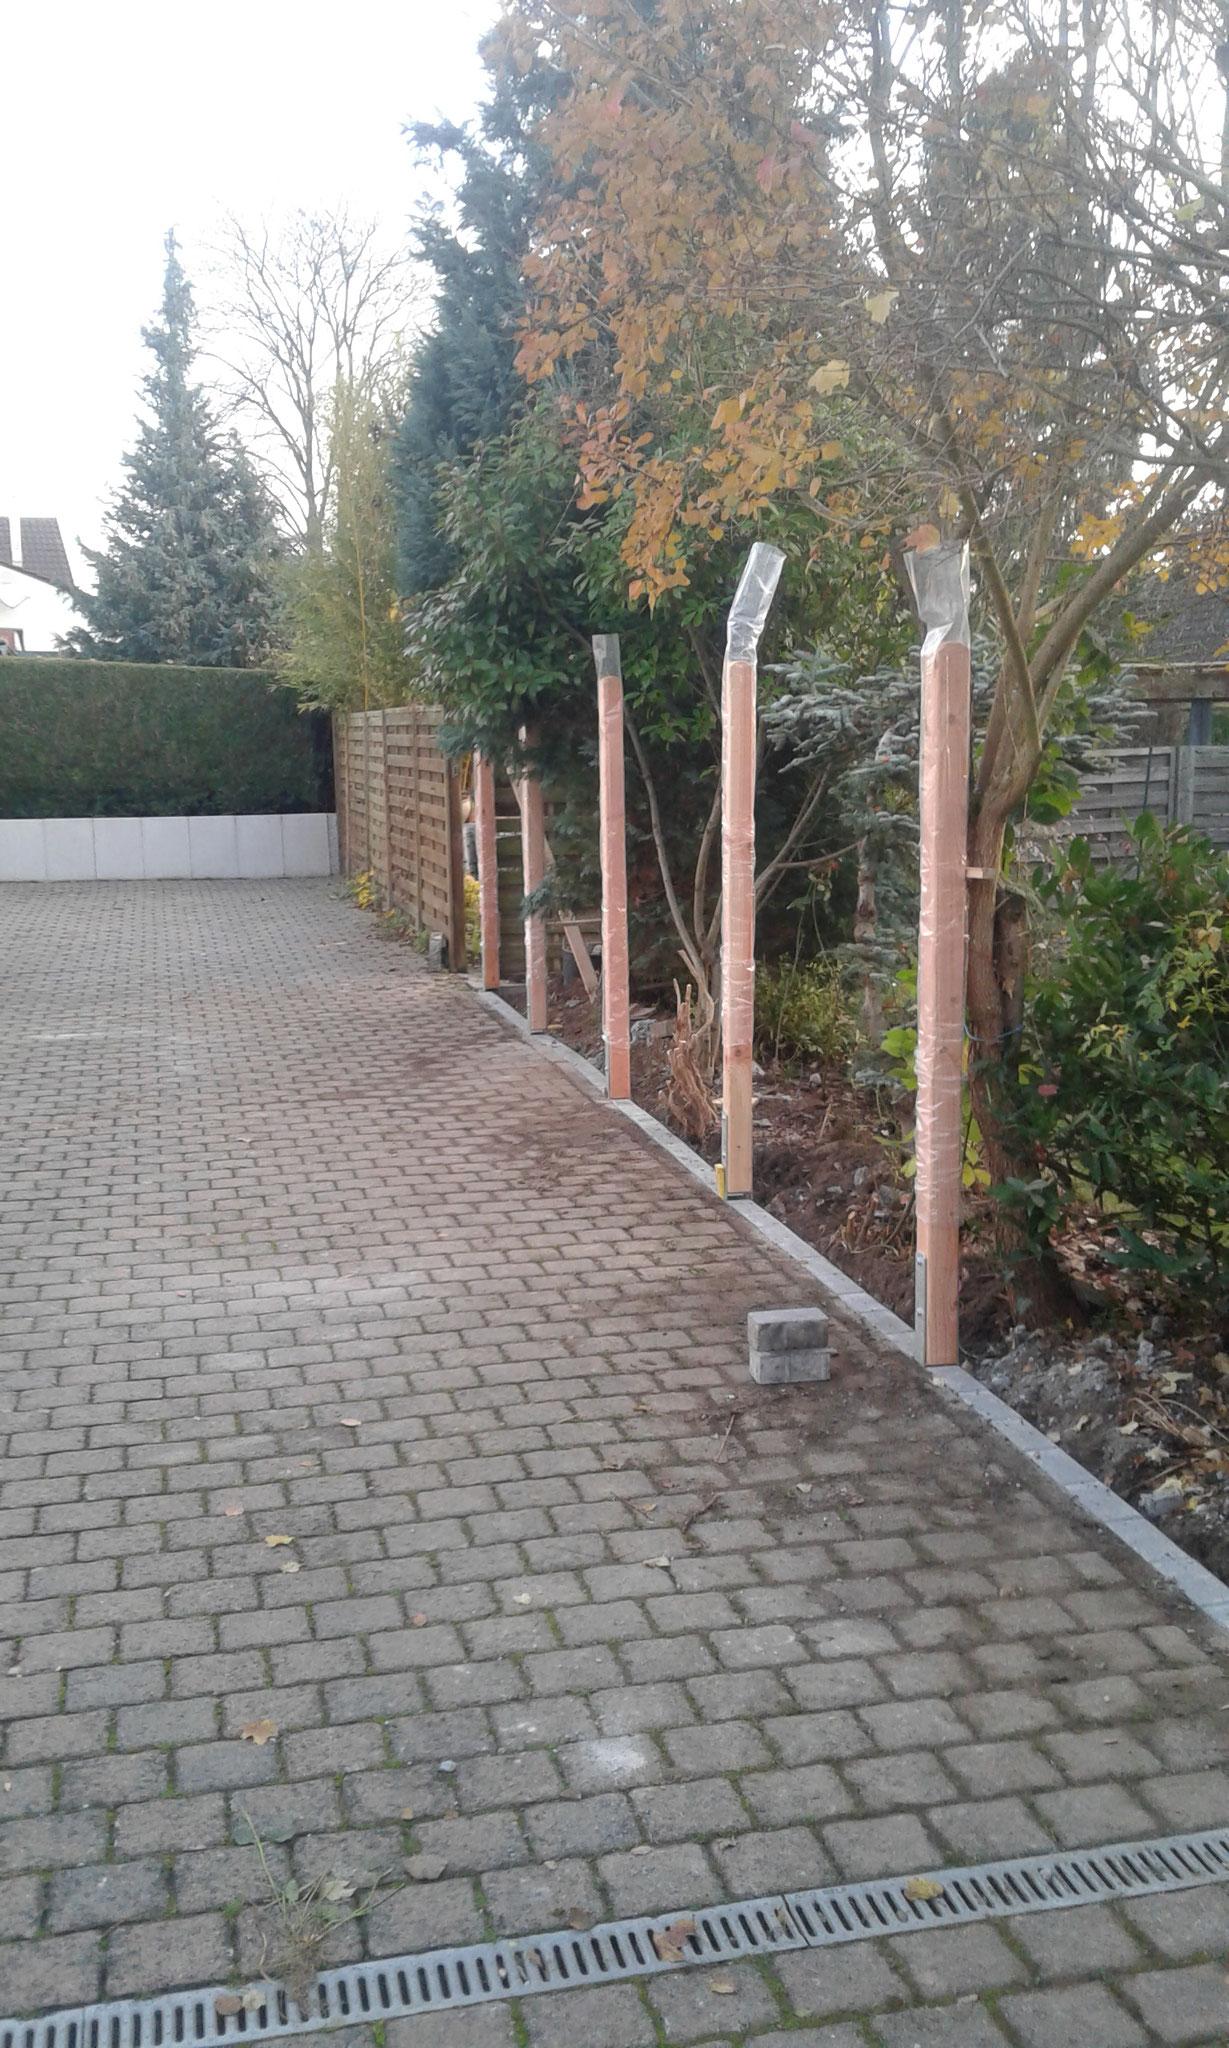 Zaunbauprojekt Mainz - Aufbau